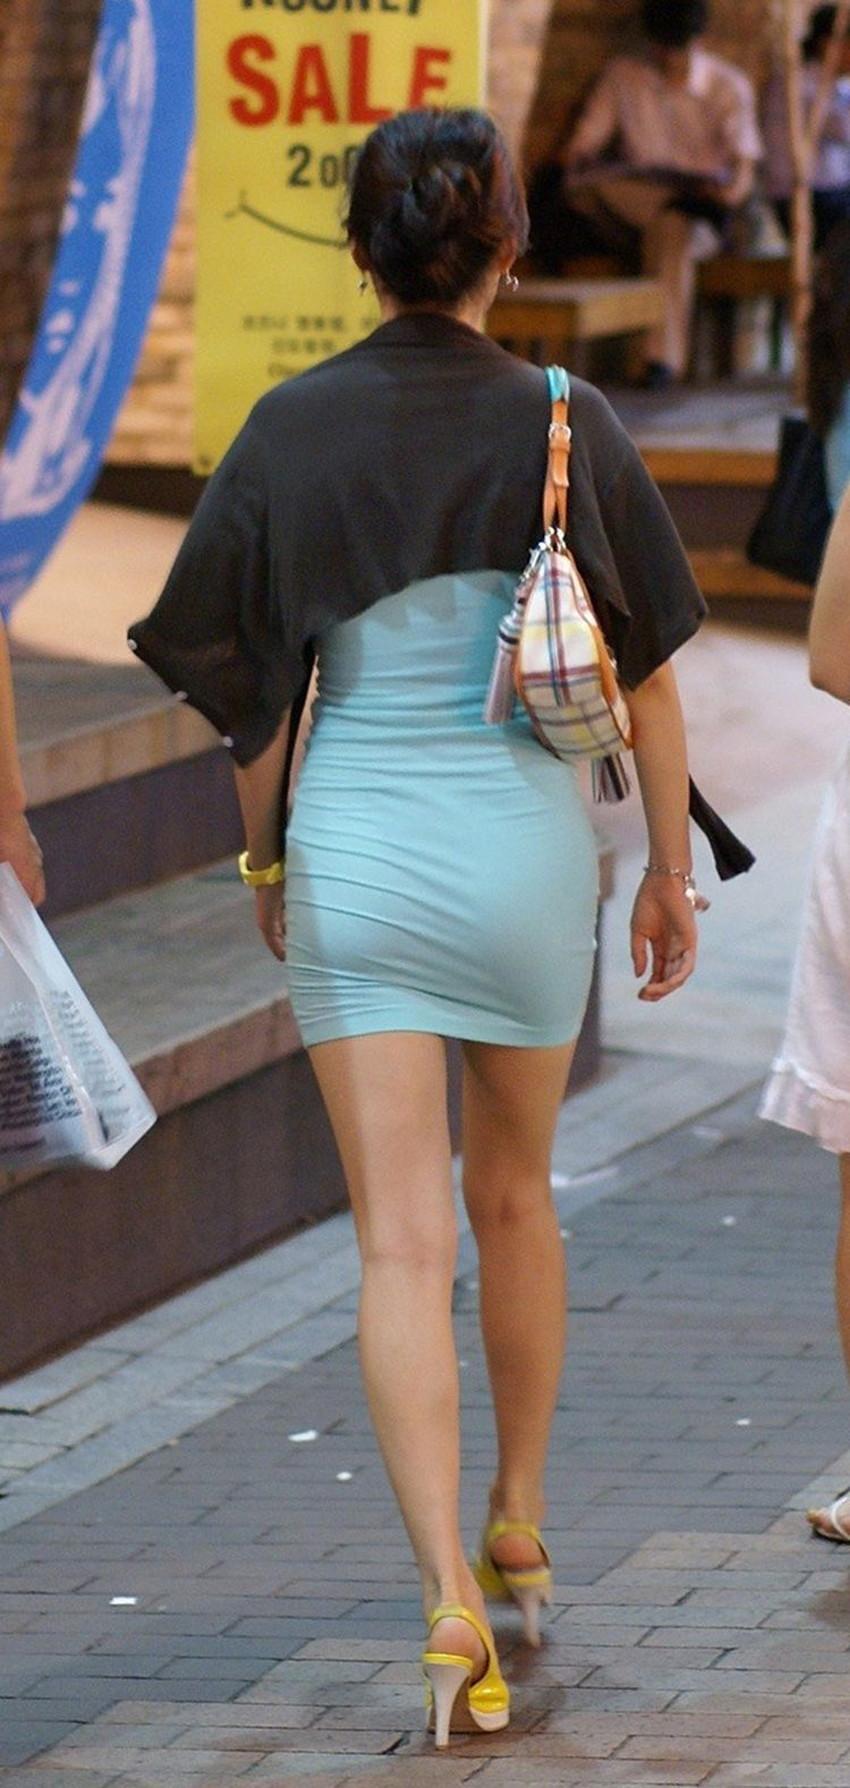 【ミニスカワンピエロ画像】ミニスカワンピ女子のパンチラを覗いたり服の中に手を突っ込み着衣セックスしてるミニスカワンピのエロ画像集!ww【80枚】 70